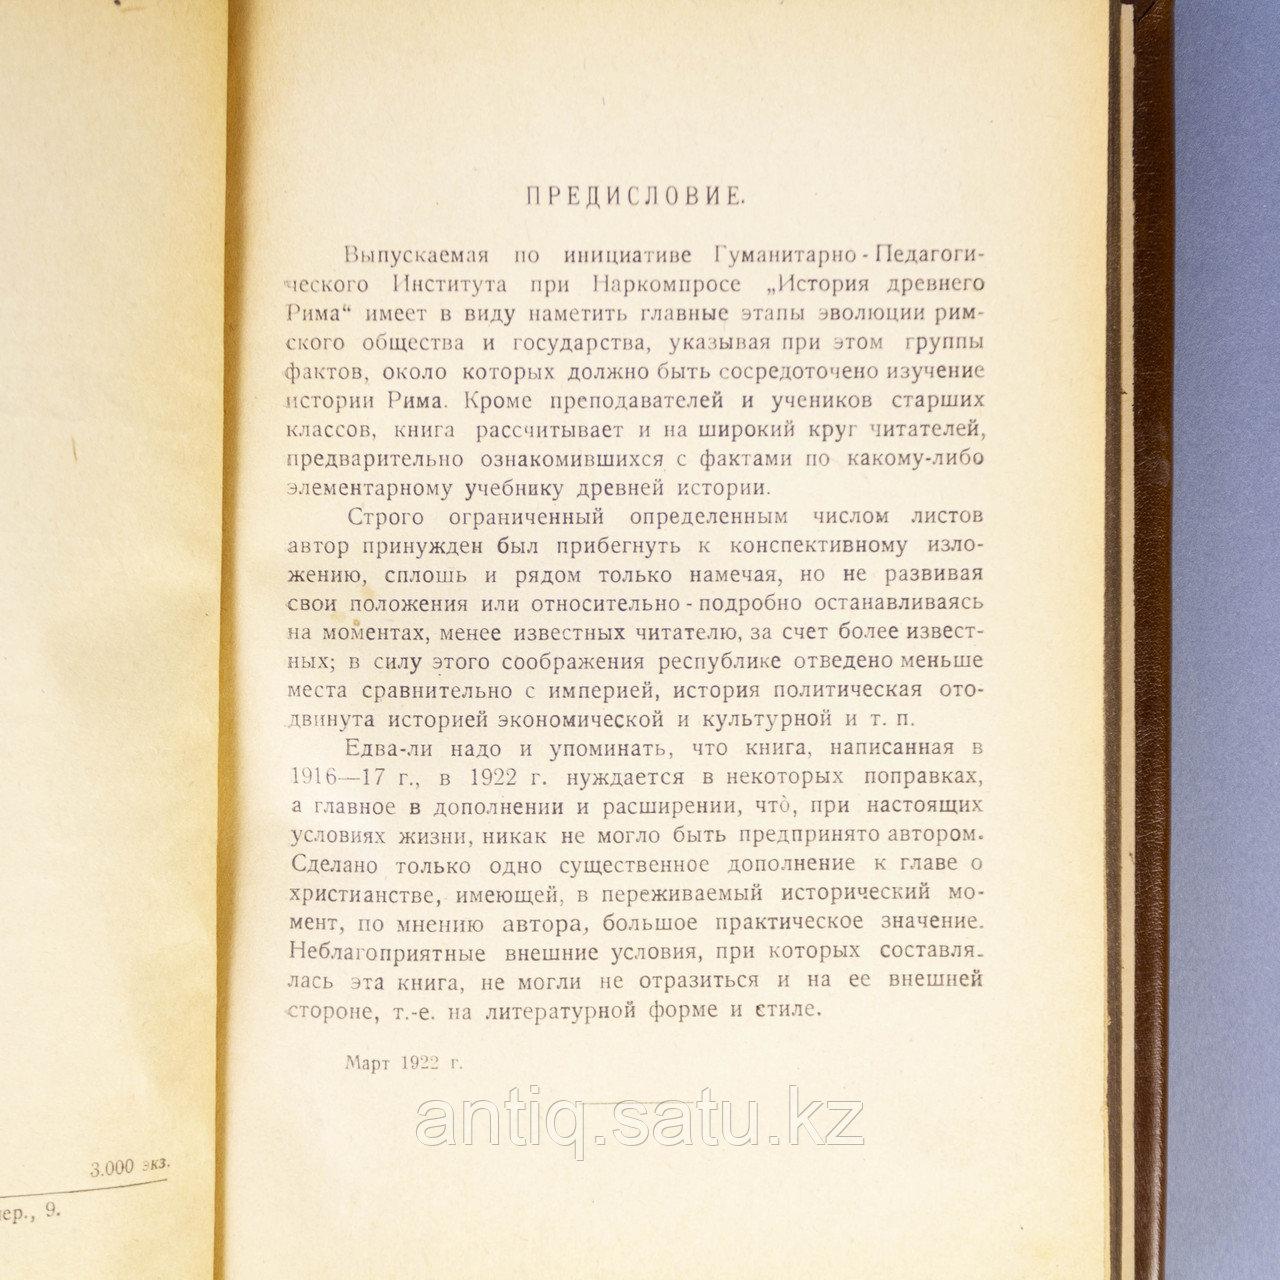 «История Древнего Рима». Редкое антикварное издание. - фото 6